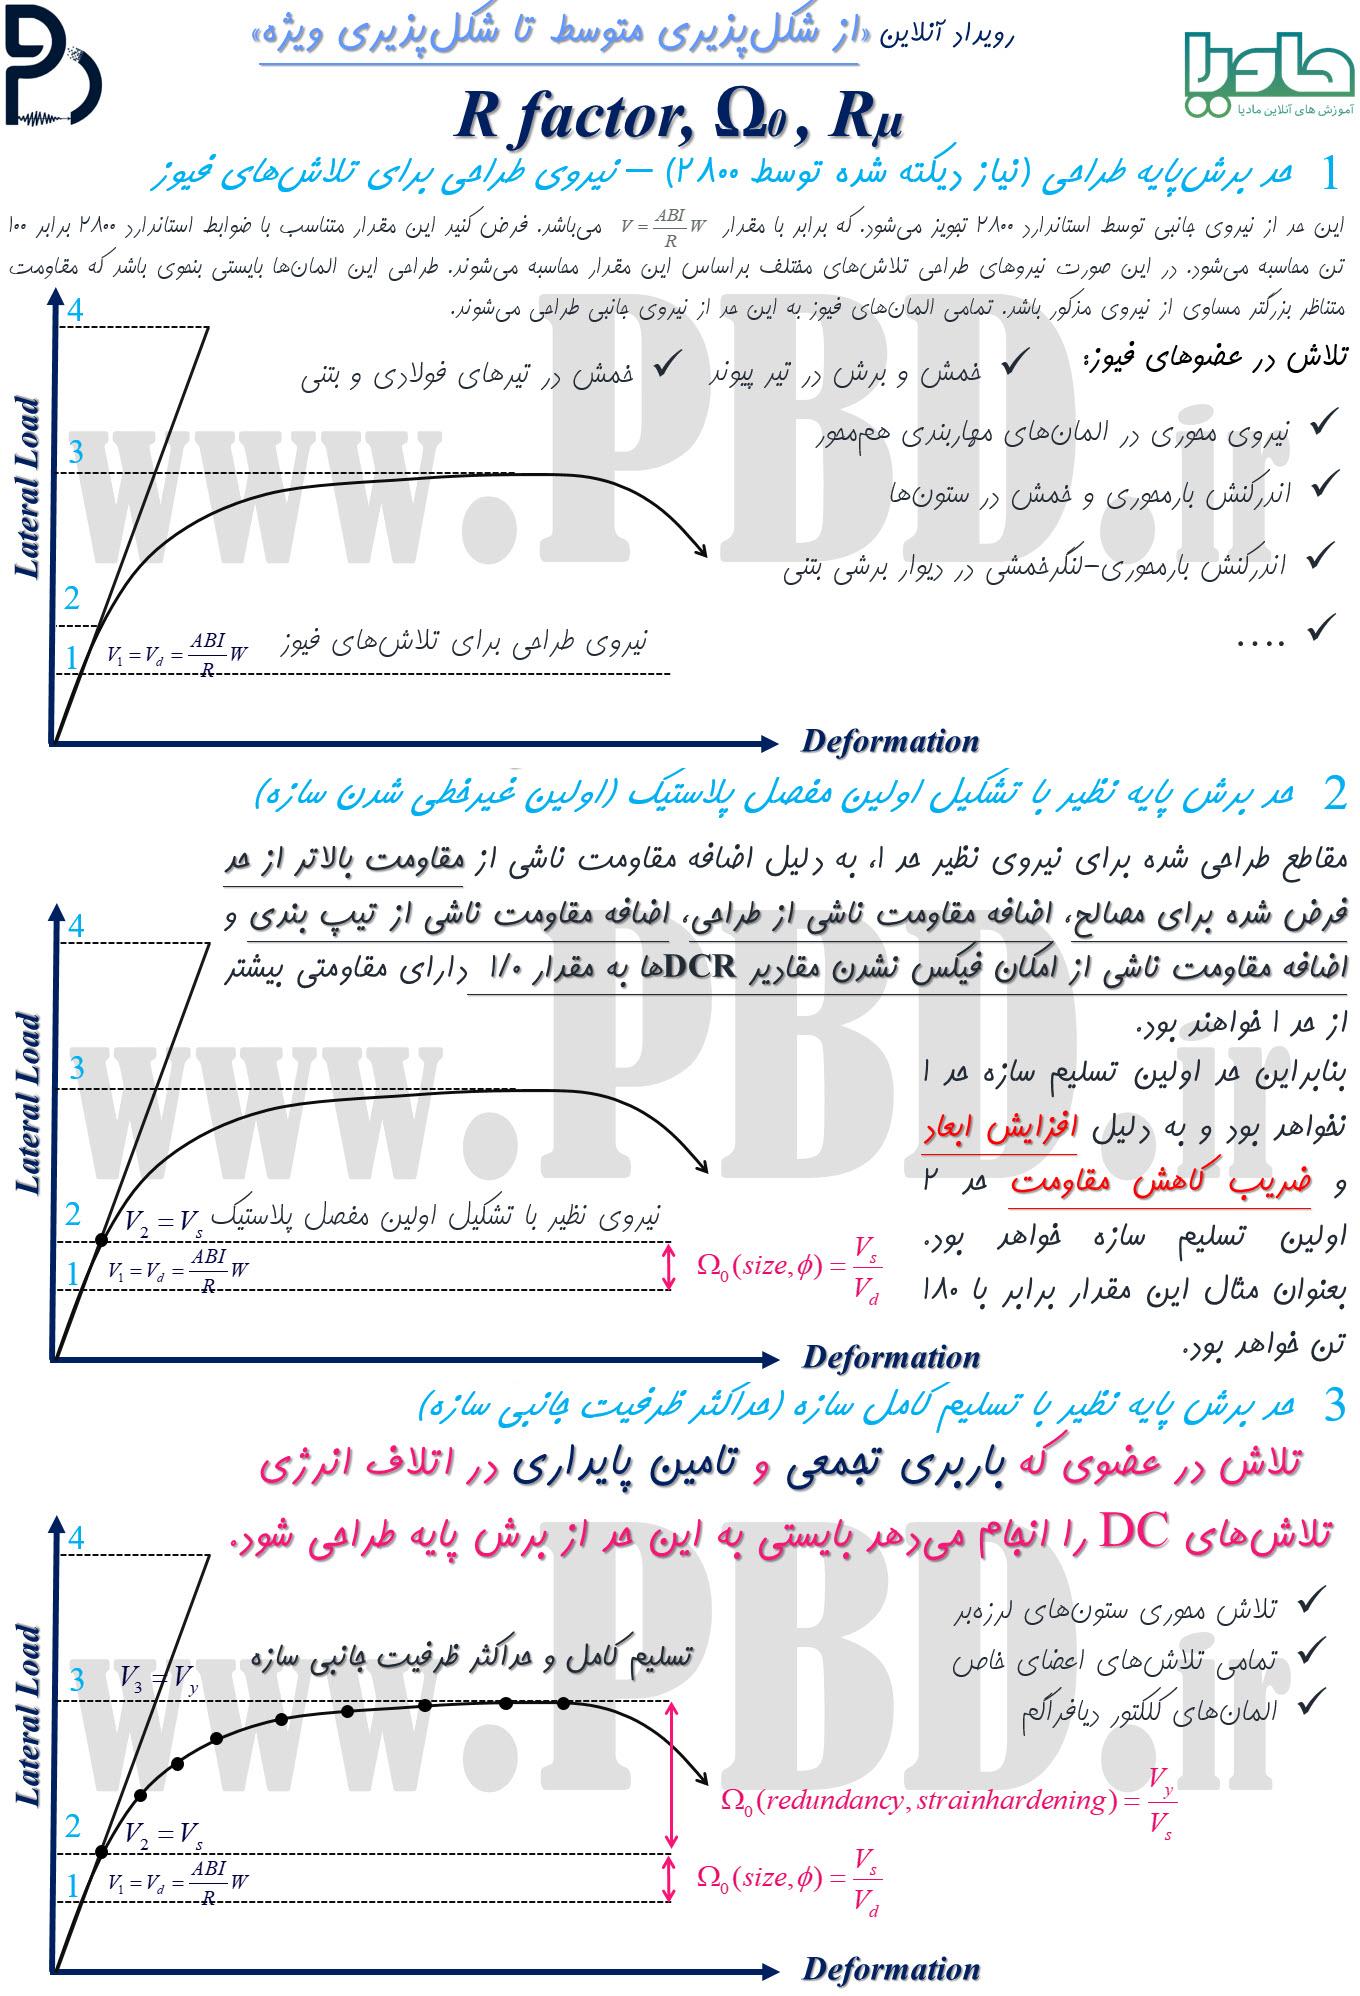 حد برش پایه نظیر با تسلیم کامل سازه (حداکثر ظرفیت جانبی)